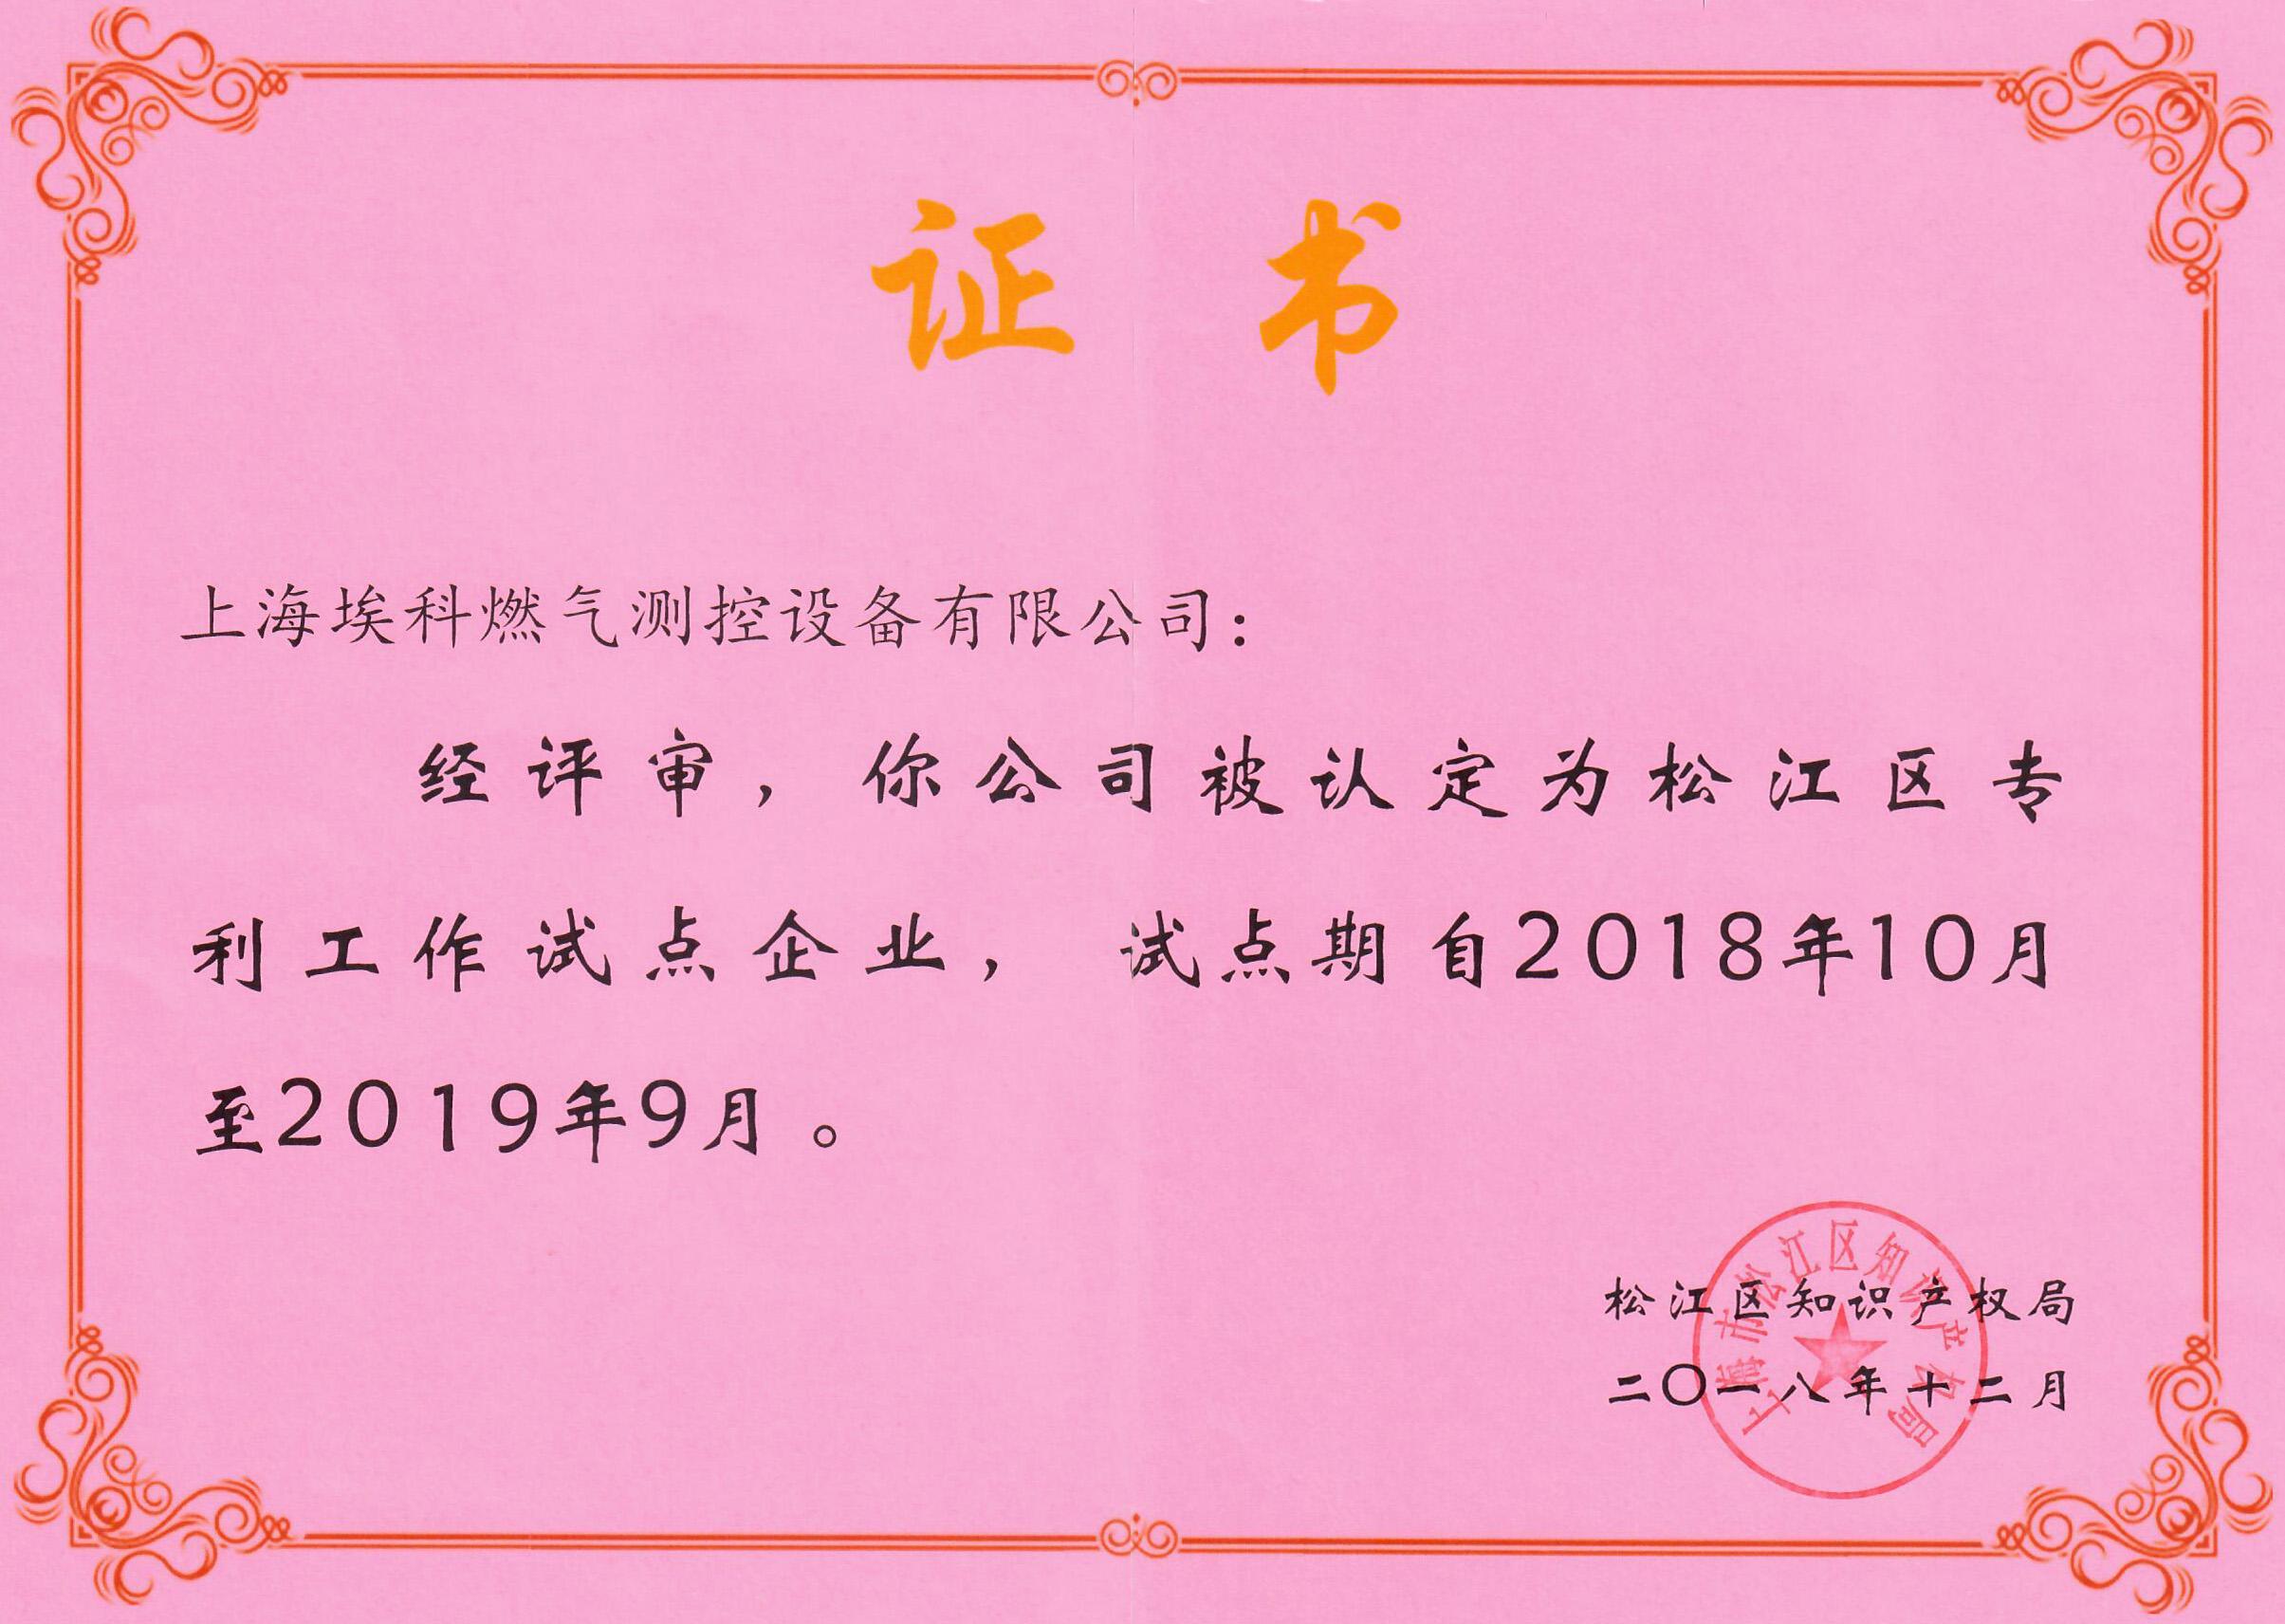 上海市松江區專利試點企業